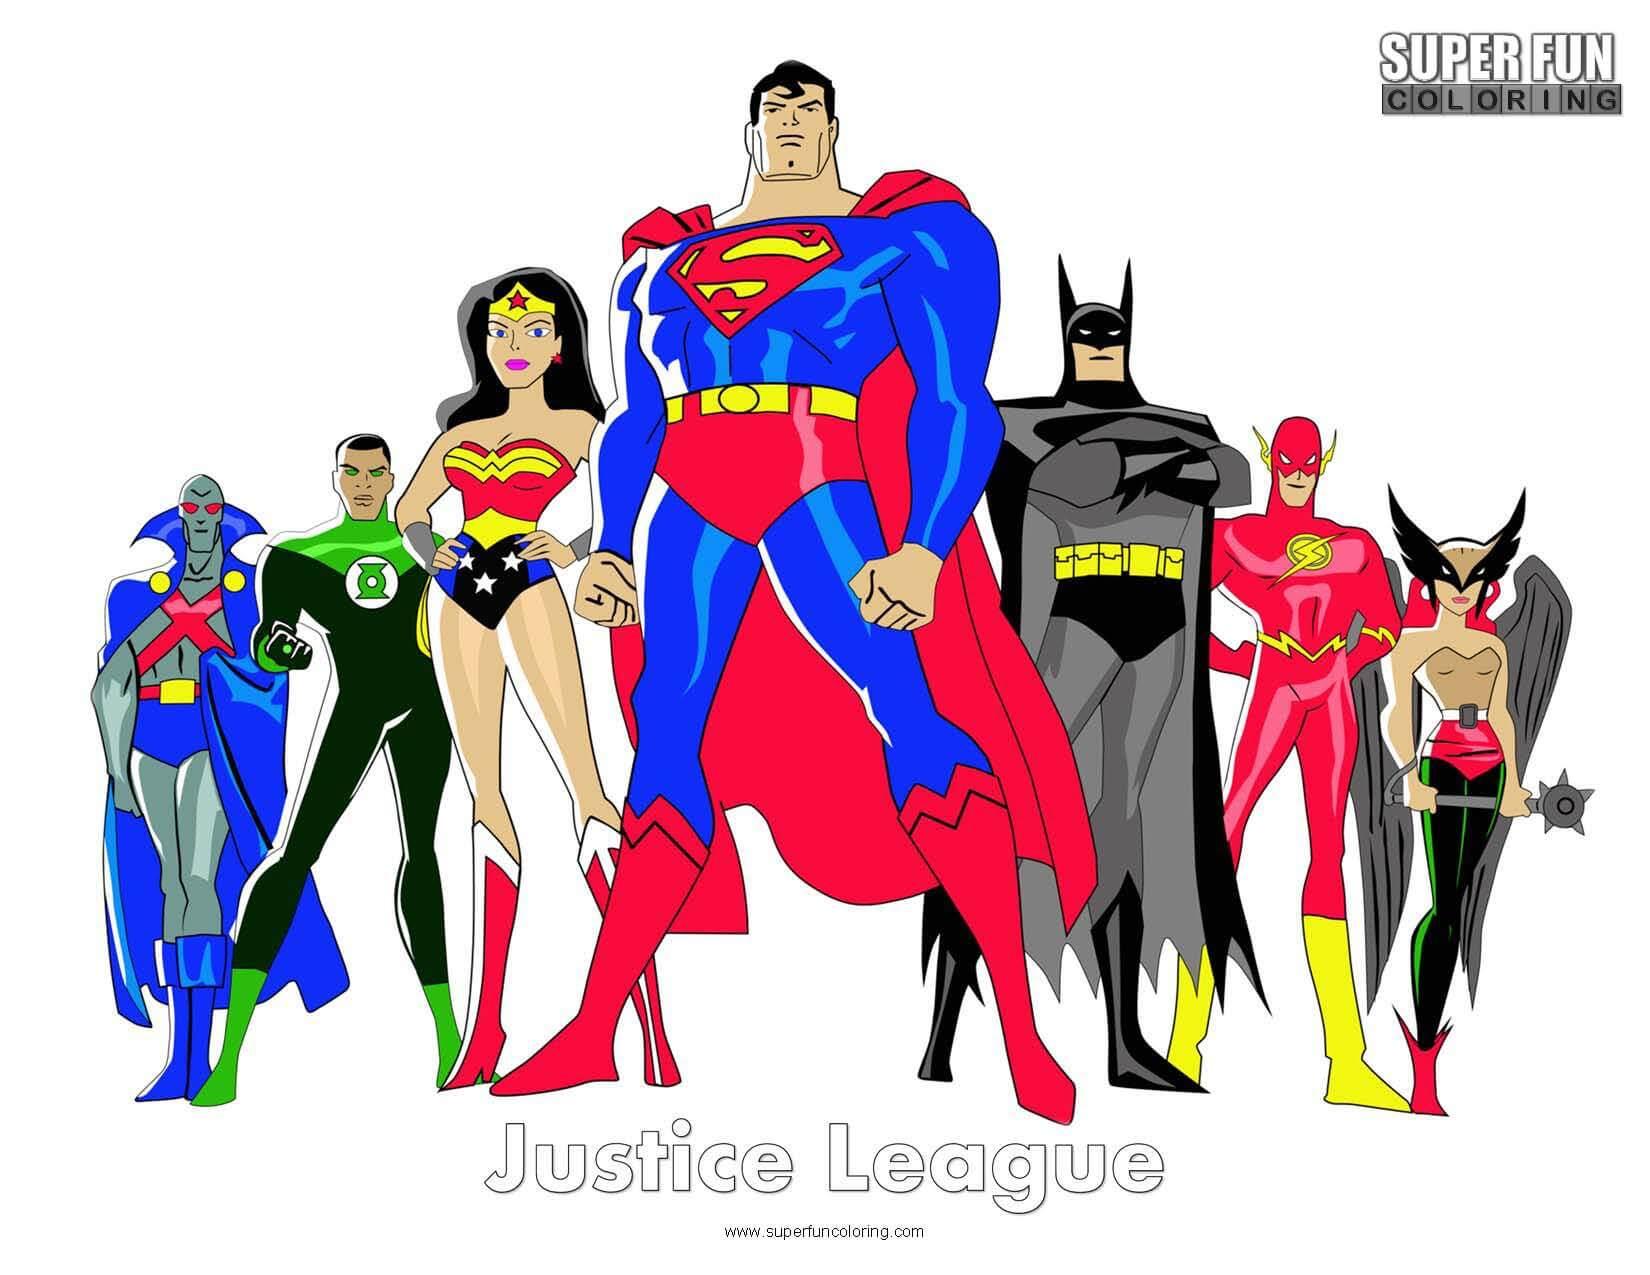 Superhero Coloring - Super Fun Coloring